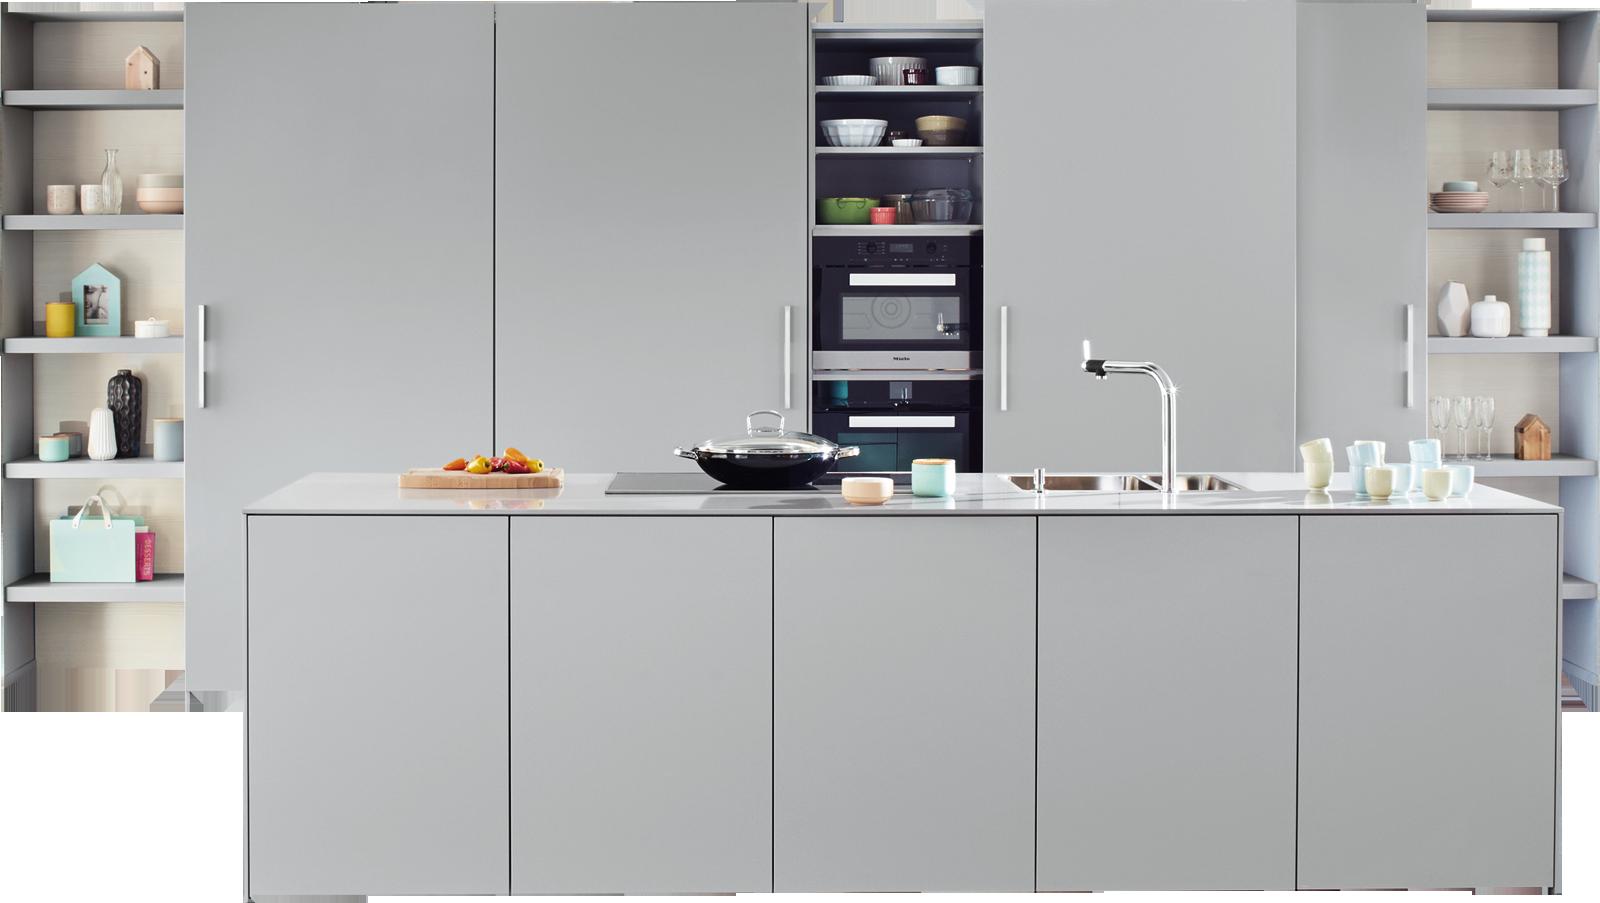 ott cucina - Küche Kaufen ott cucina Küchenstudio Ulm Küchen zum leben